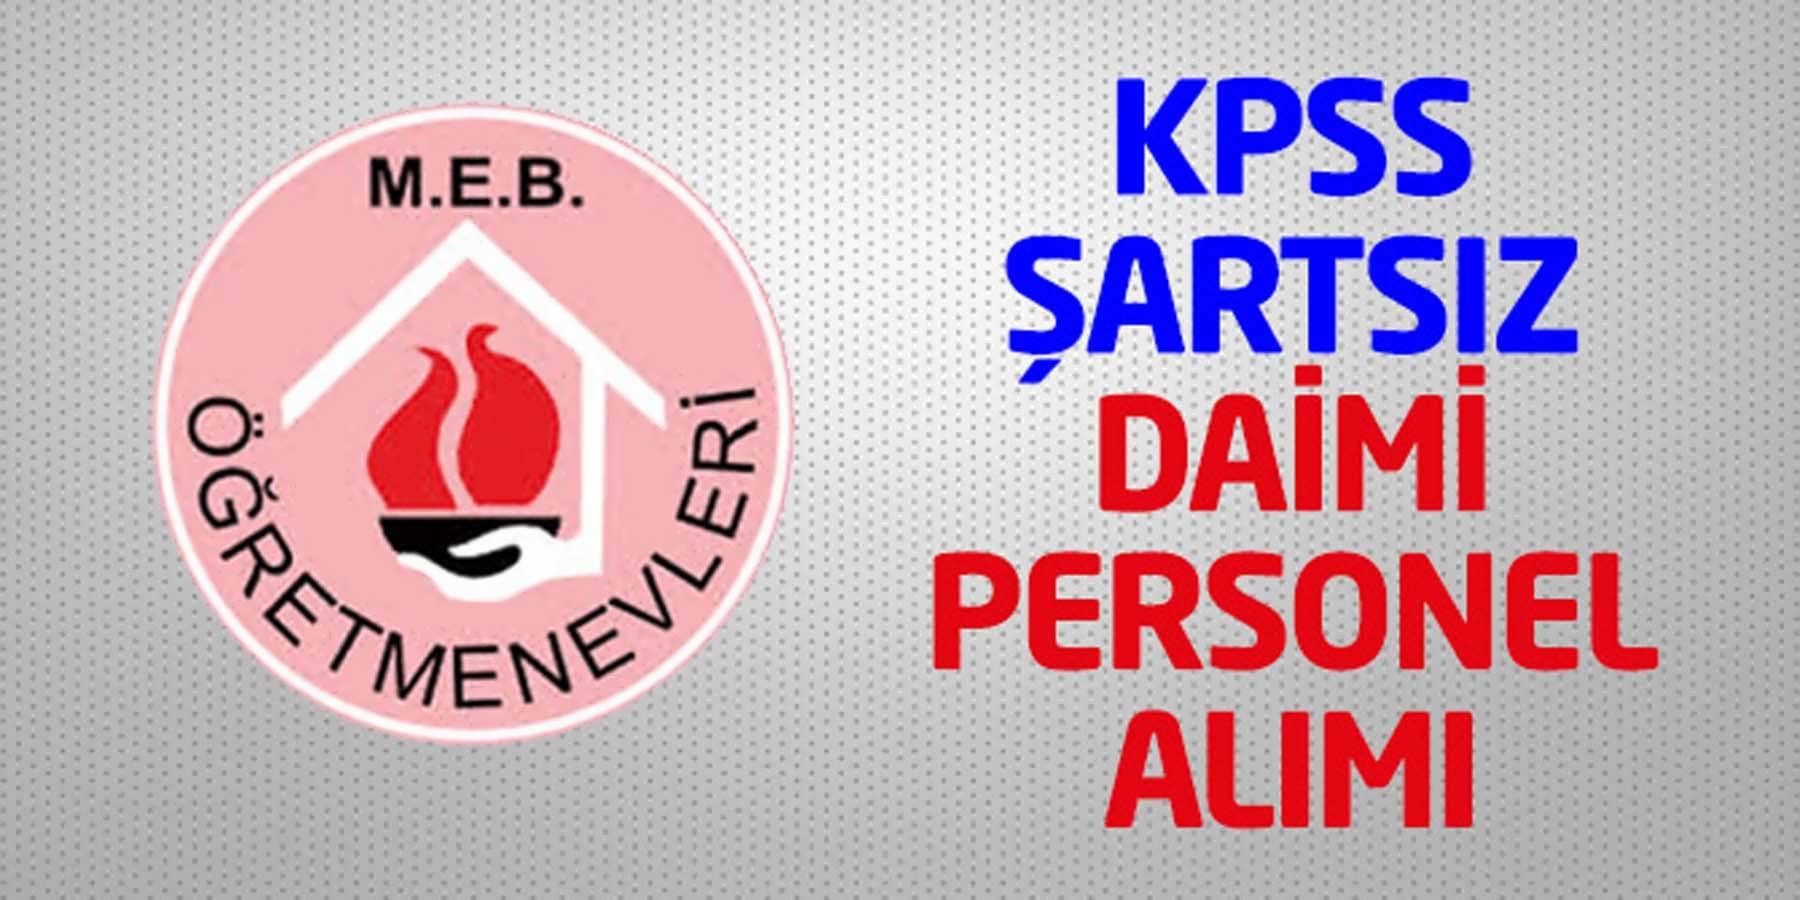 Öğretmenevi ve ASO Müdürlüğü KPSS Şartsız Daimi Personel Alımı